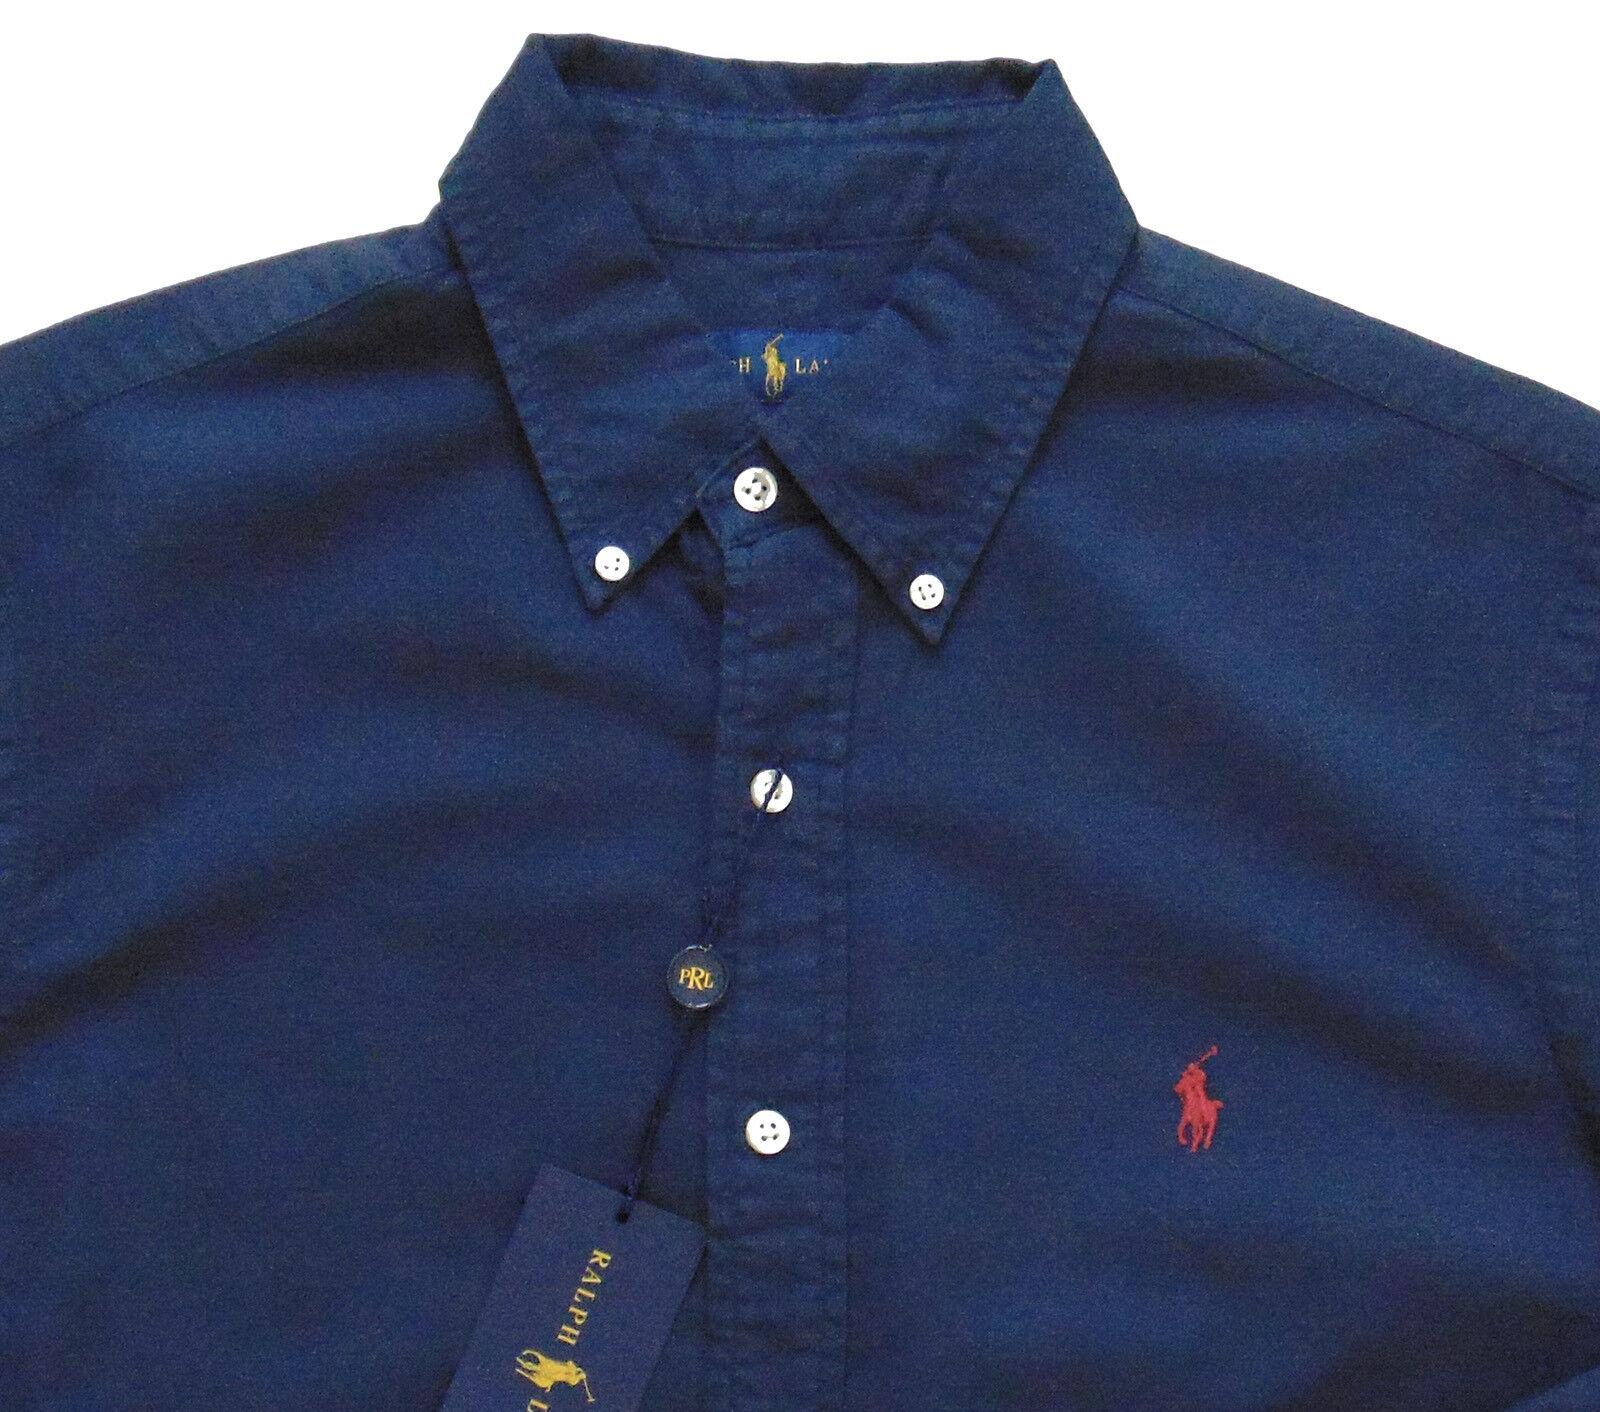 Men's RALPH LAUREN Navy bluee Pinpoint Cotton Shirt XXL 2XL NWT NEW Nice